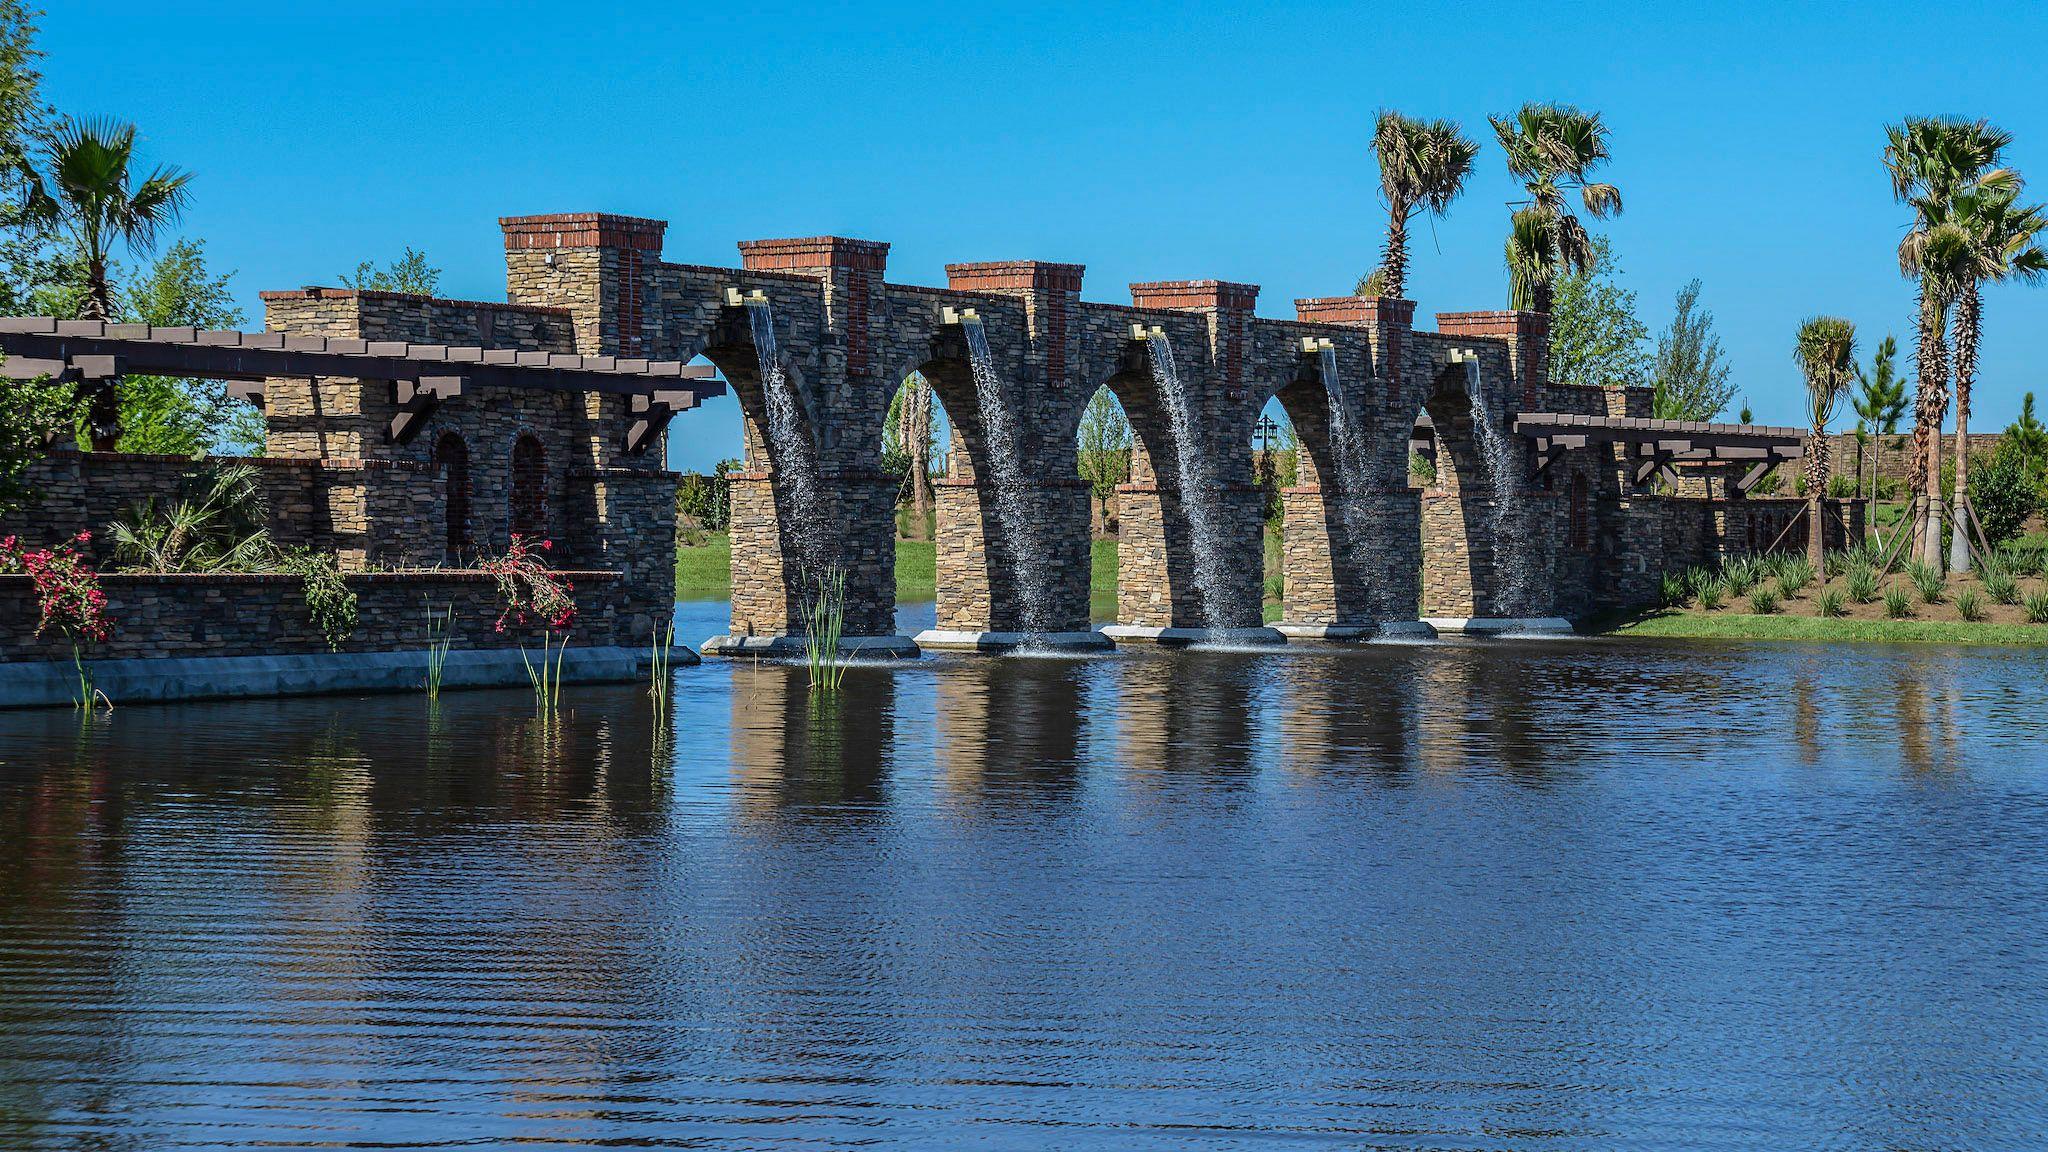 'Eave's Bend at Artisan Lakes' by Taylor Morrison - Tampa in Sarasota-Bradenton